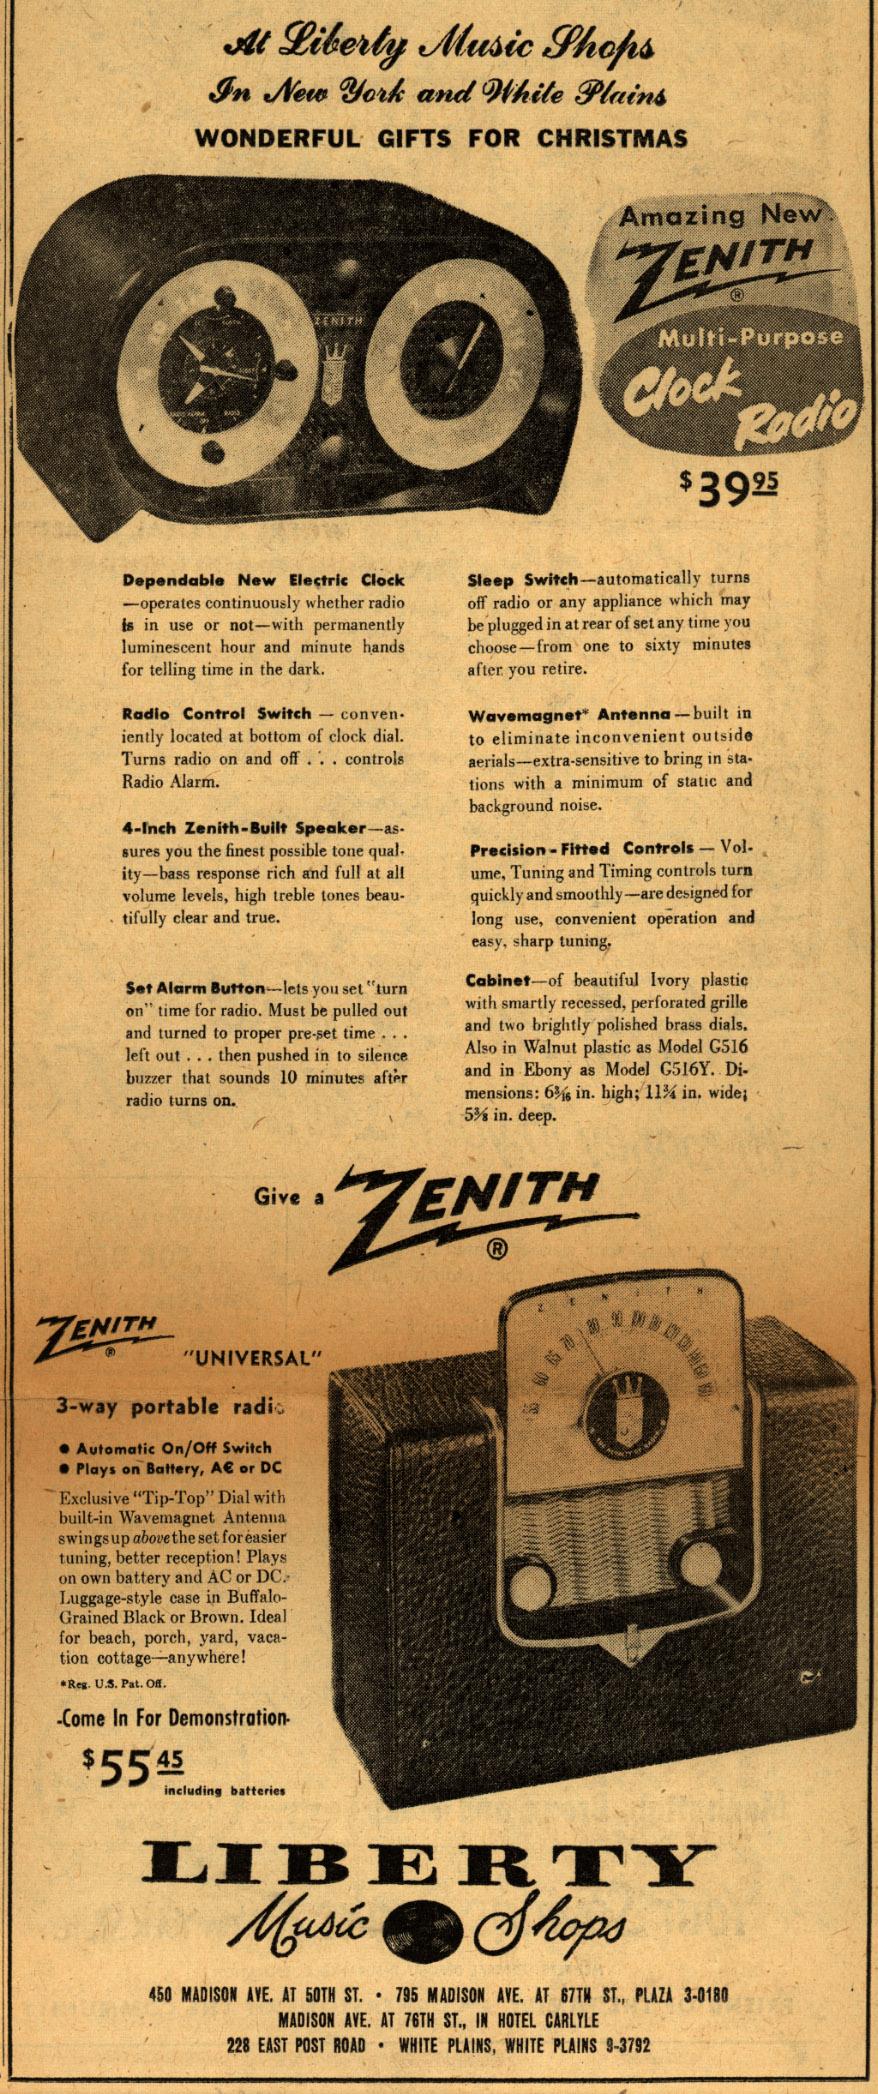 amazing new zenith mutil purpose clock radio